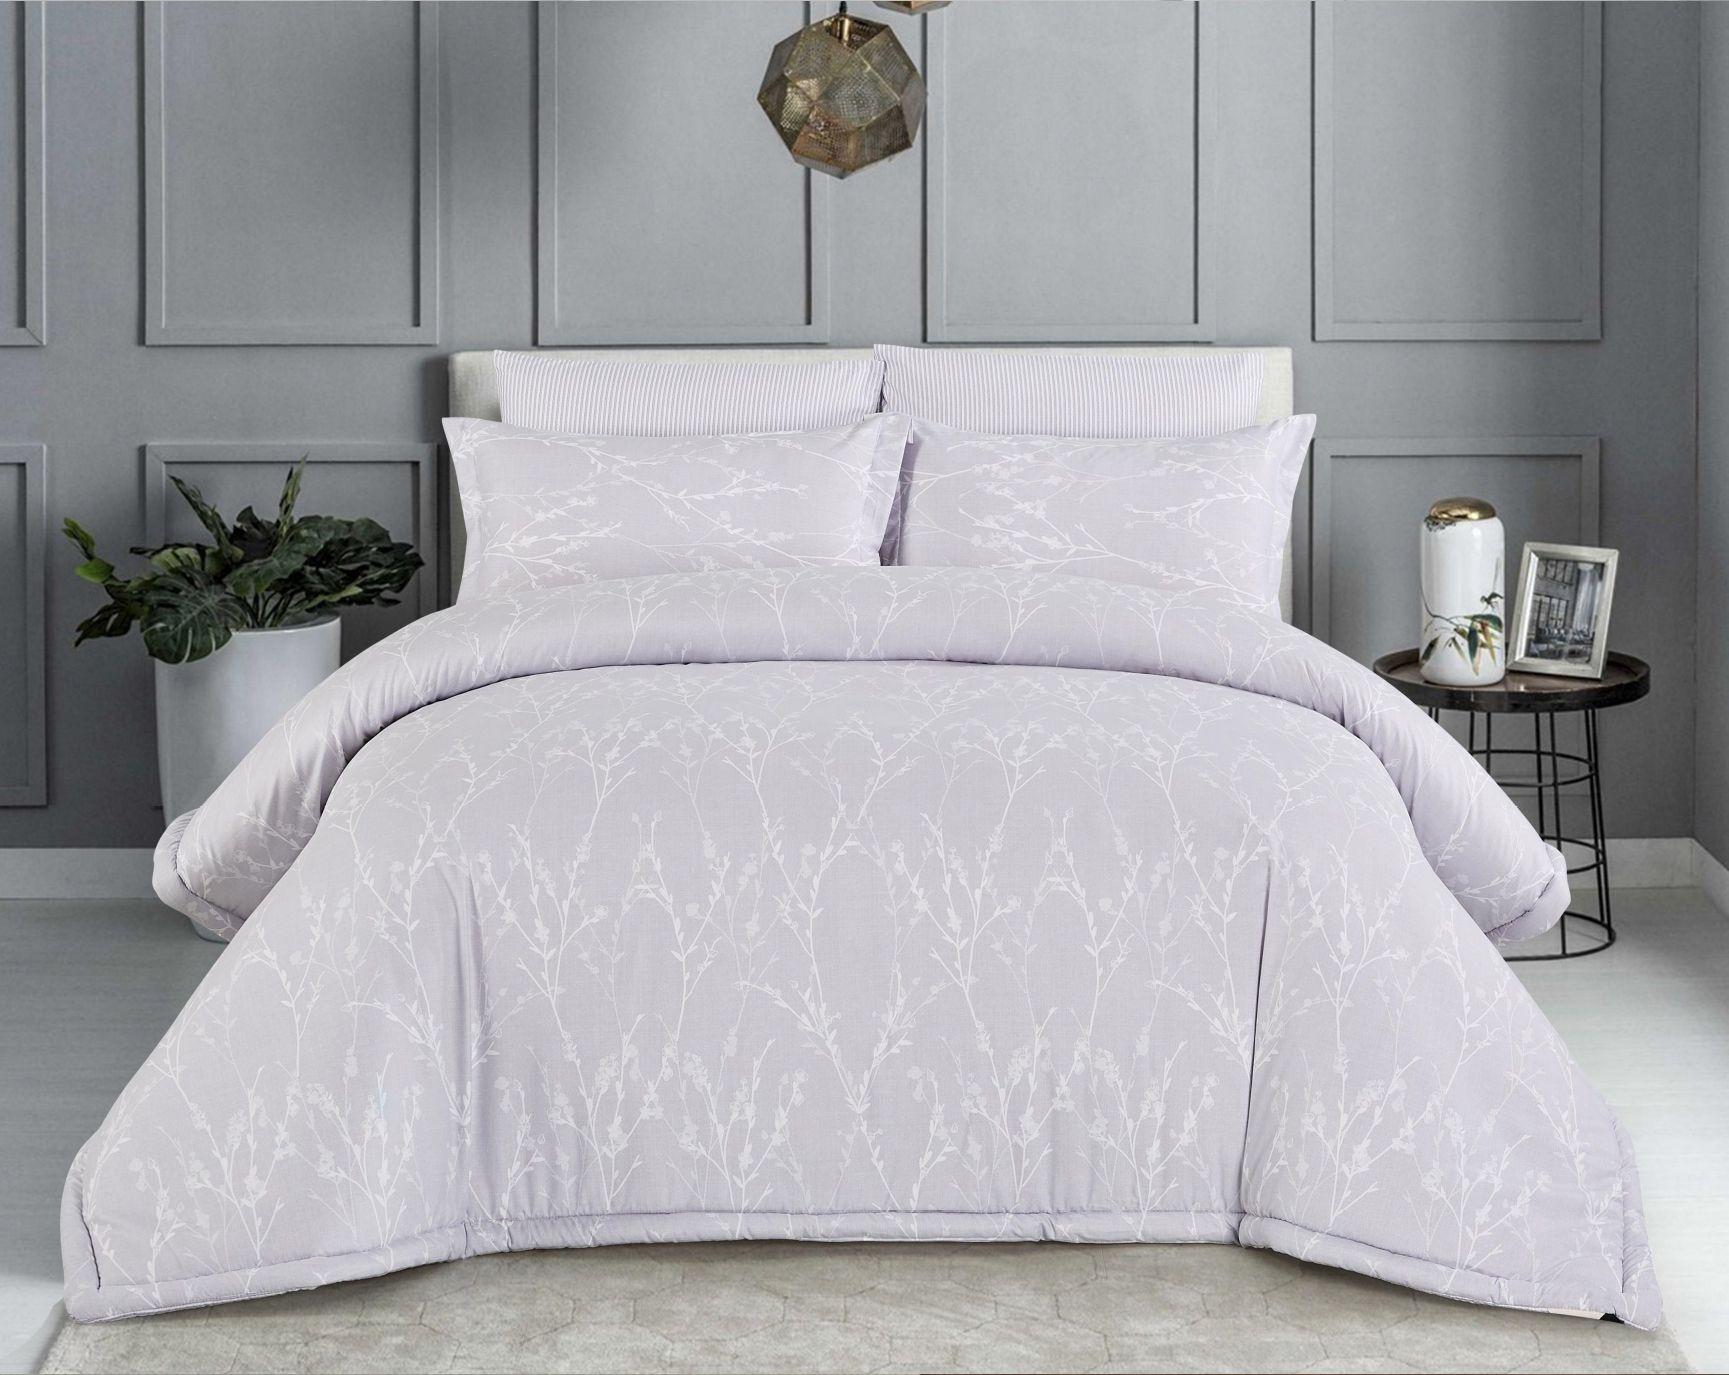 طقم لحاف Stacy مزدوج 6 قطع Home Decor Furniture Bed